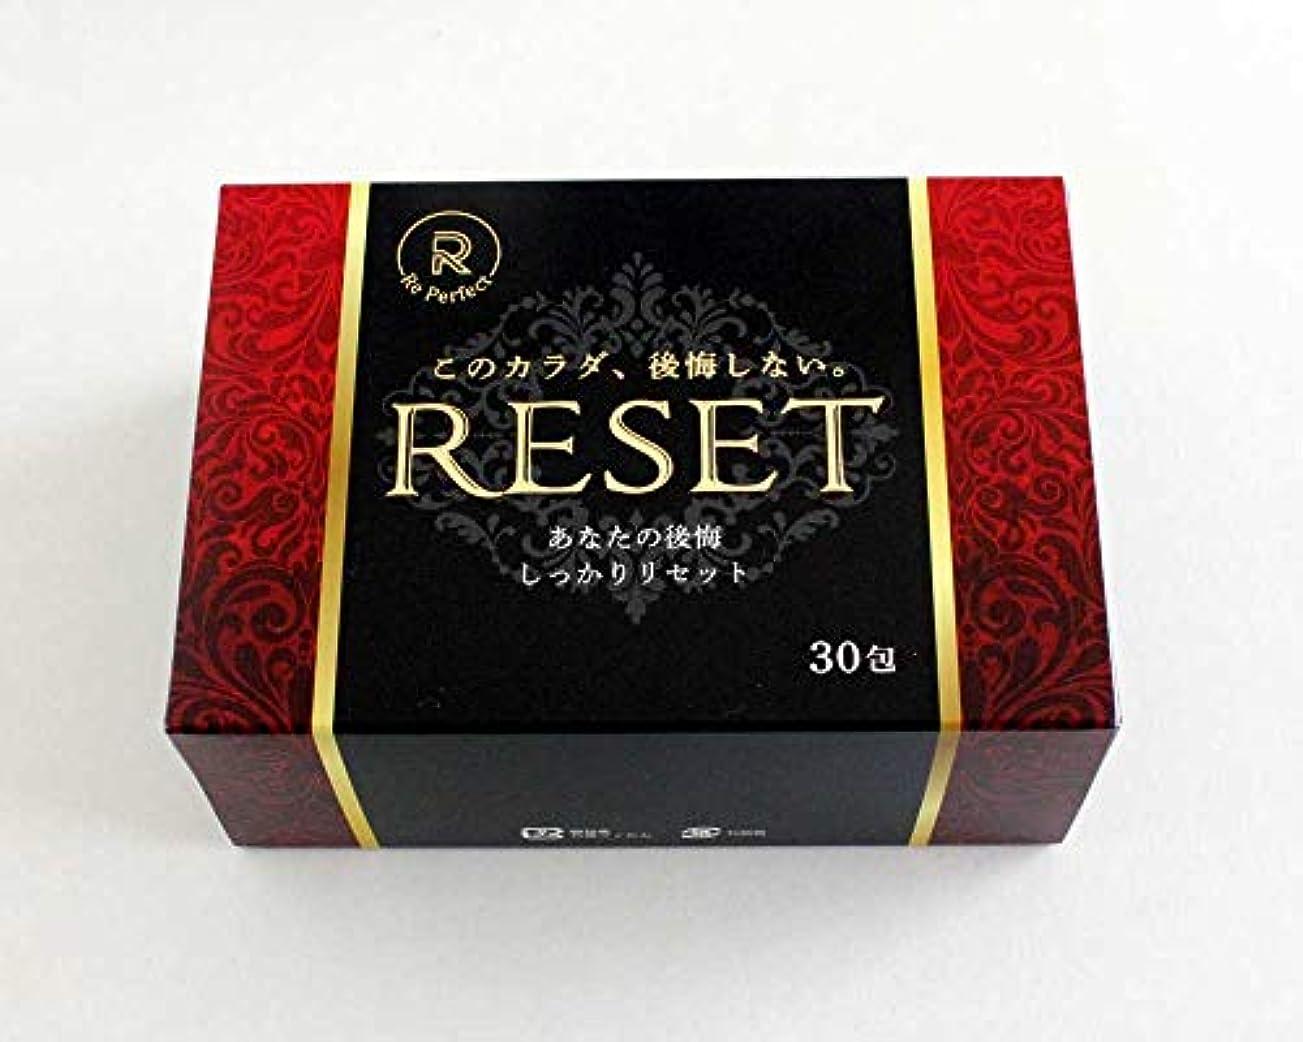 スティーブンソン評議会霧深いRESET(リセット)食べ過ぎた食事&アルコールの代謝?分解をサポートサプリ